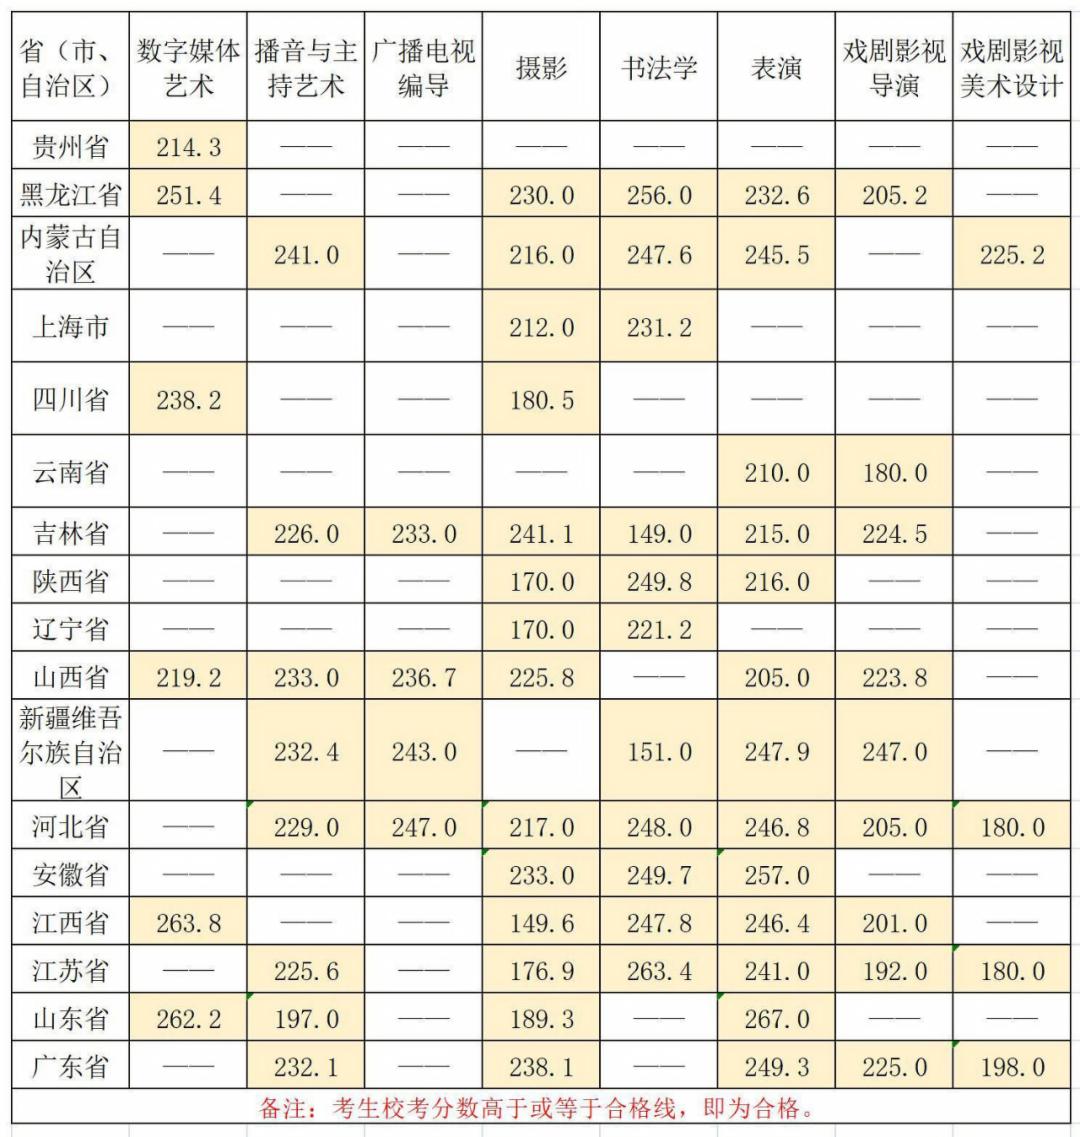 华南农业大学珠江学院2021年艺术类专业校考